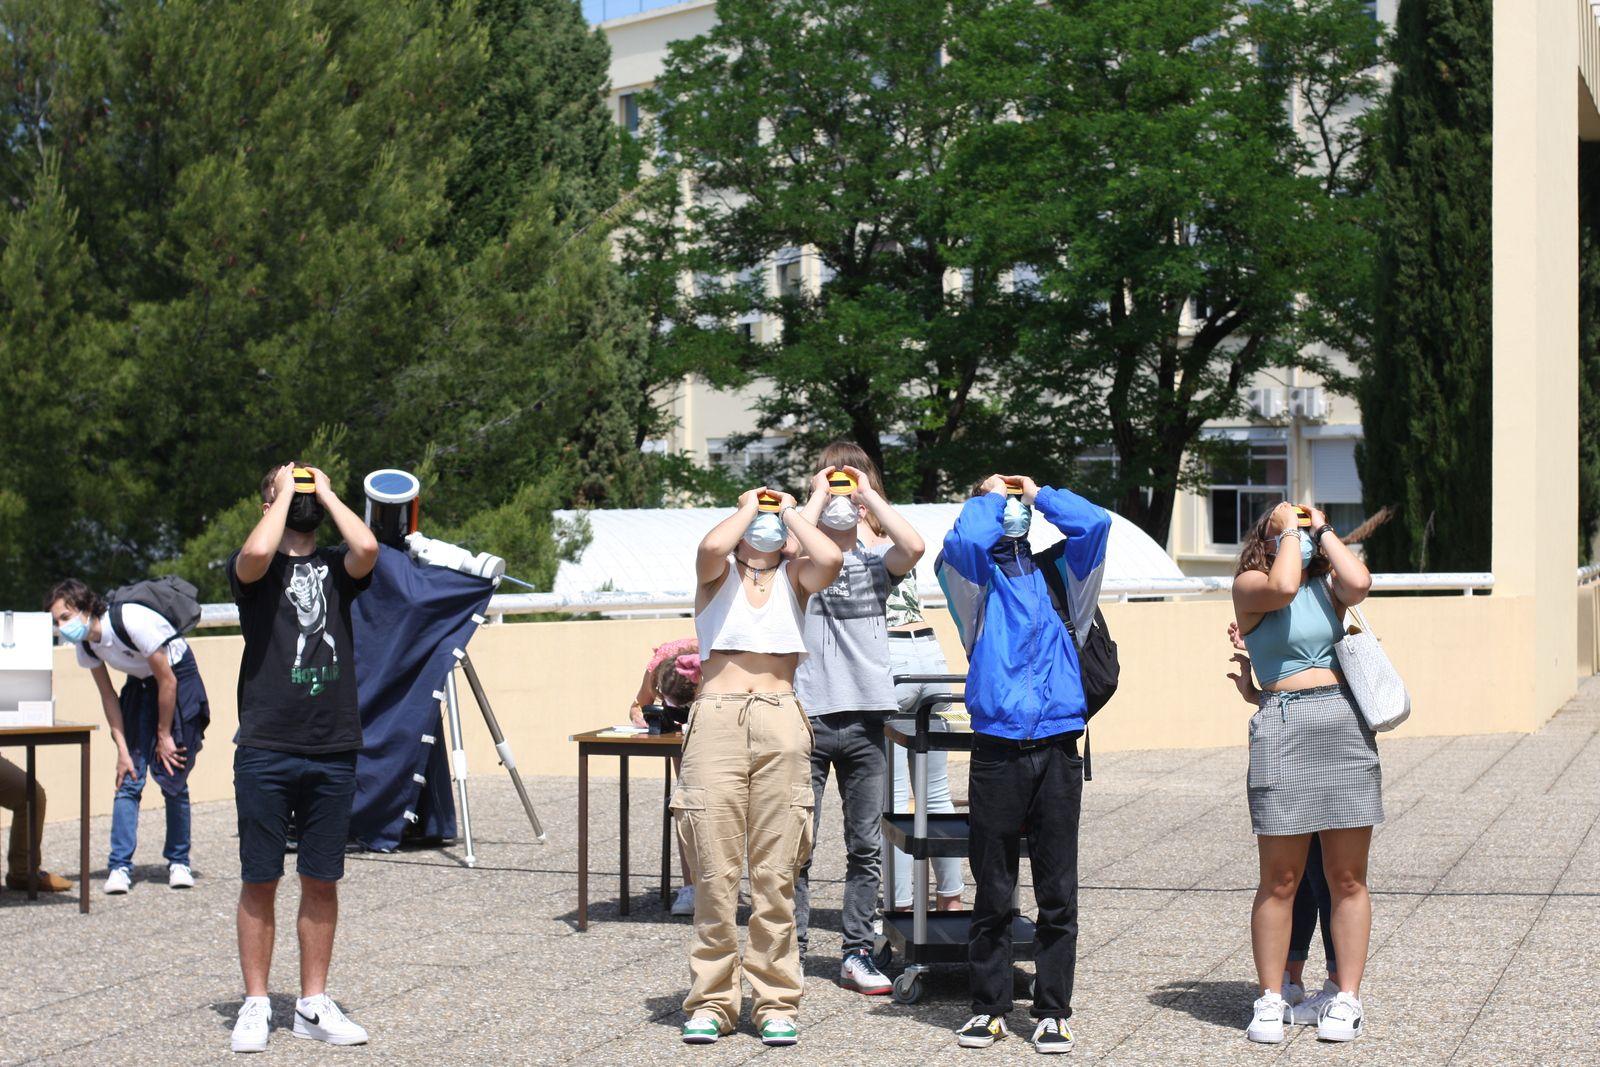 Les élèves utilisent des Viséclipses (Rétina France) avec des verres de soudeur pour observer le soleil en toute sécurité.